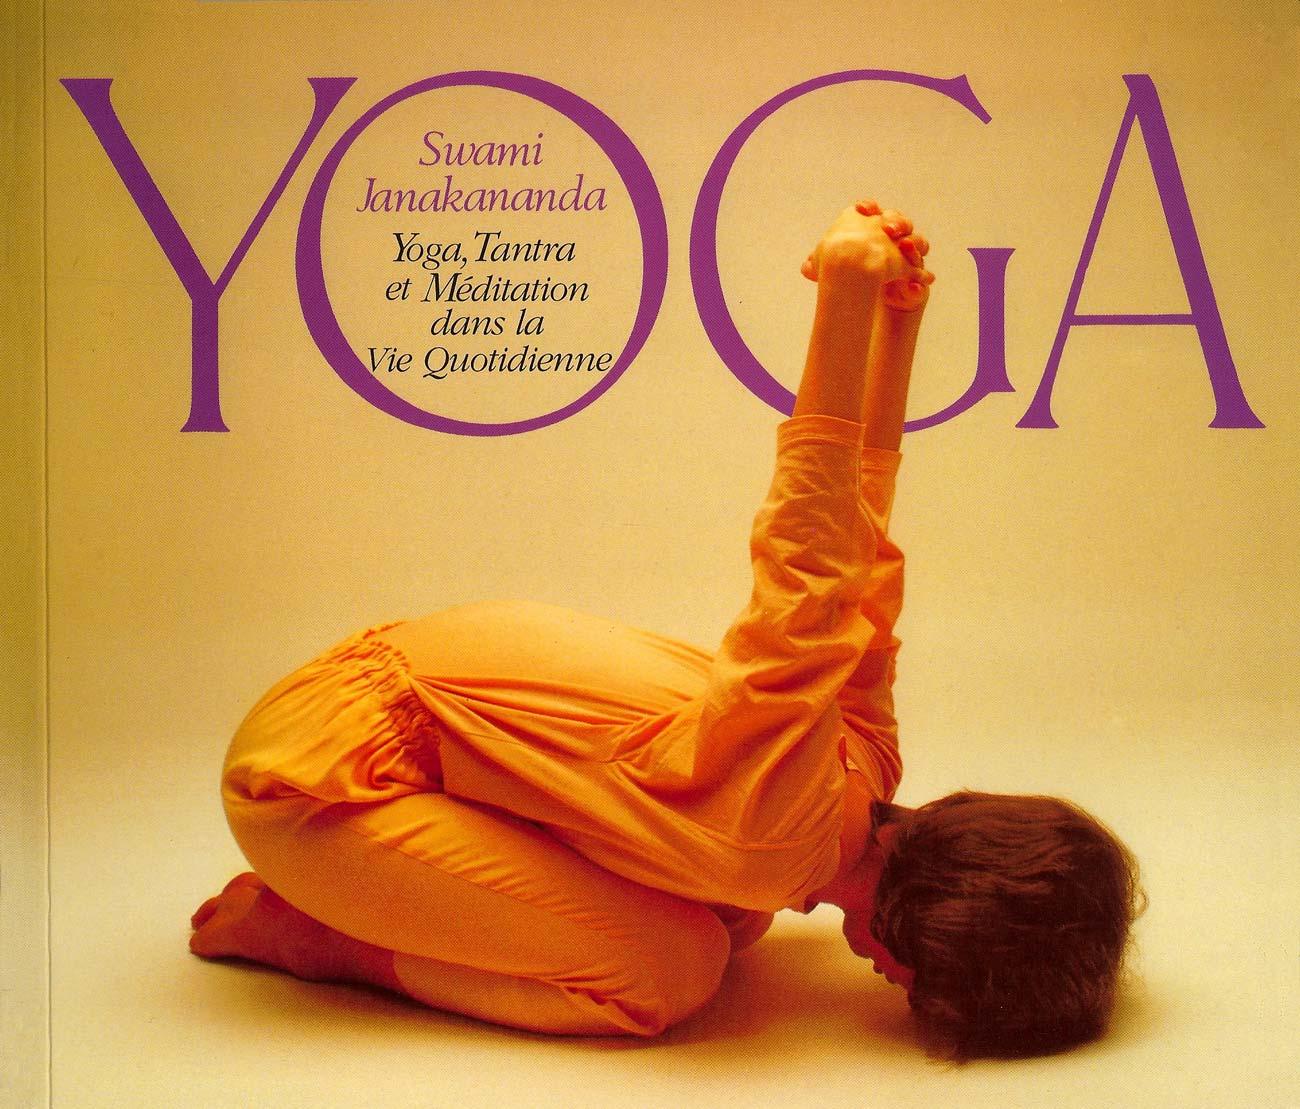 Le livre Yoga tantra et meditation dans la vie quotidienne